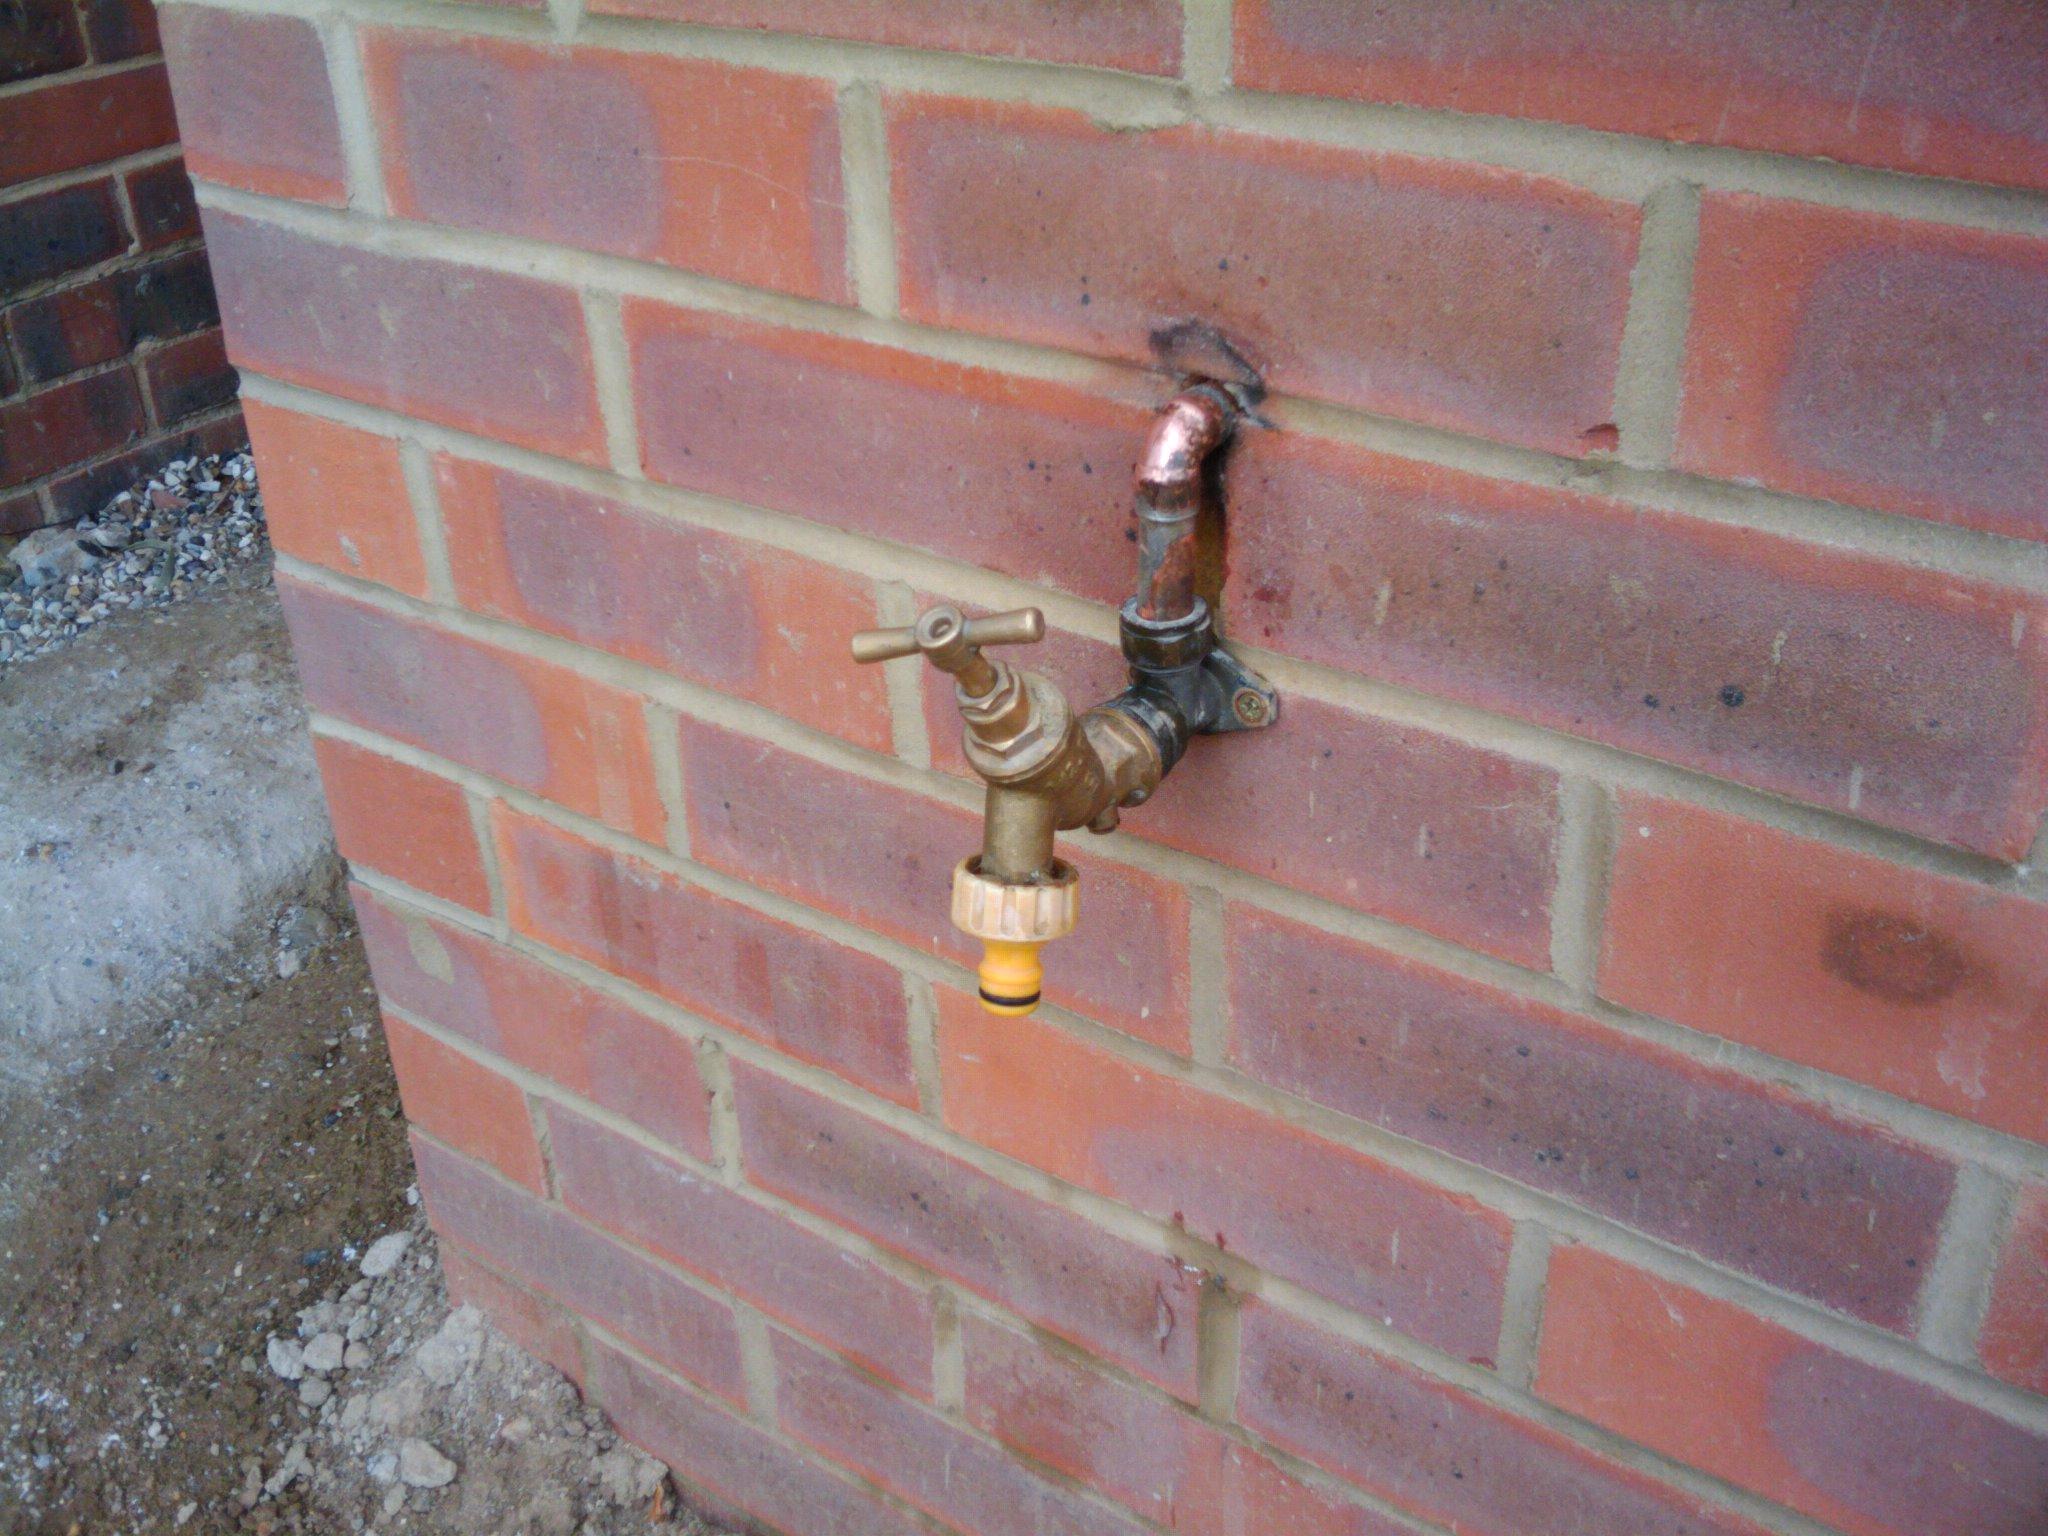 Flashing to the plumber